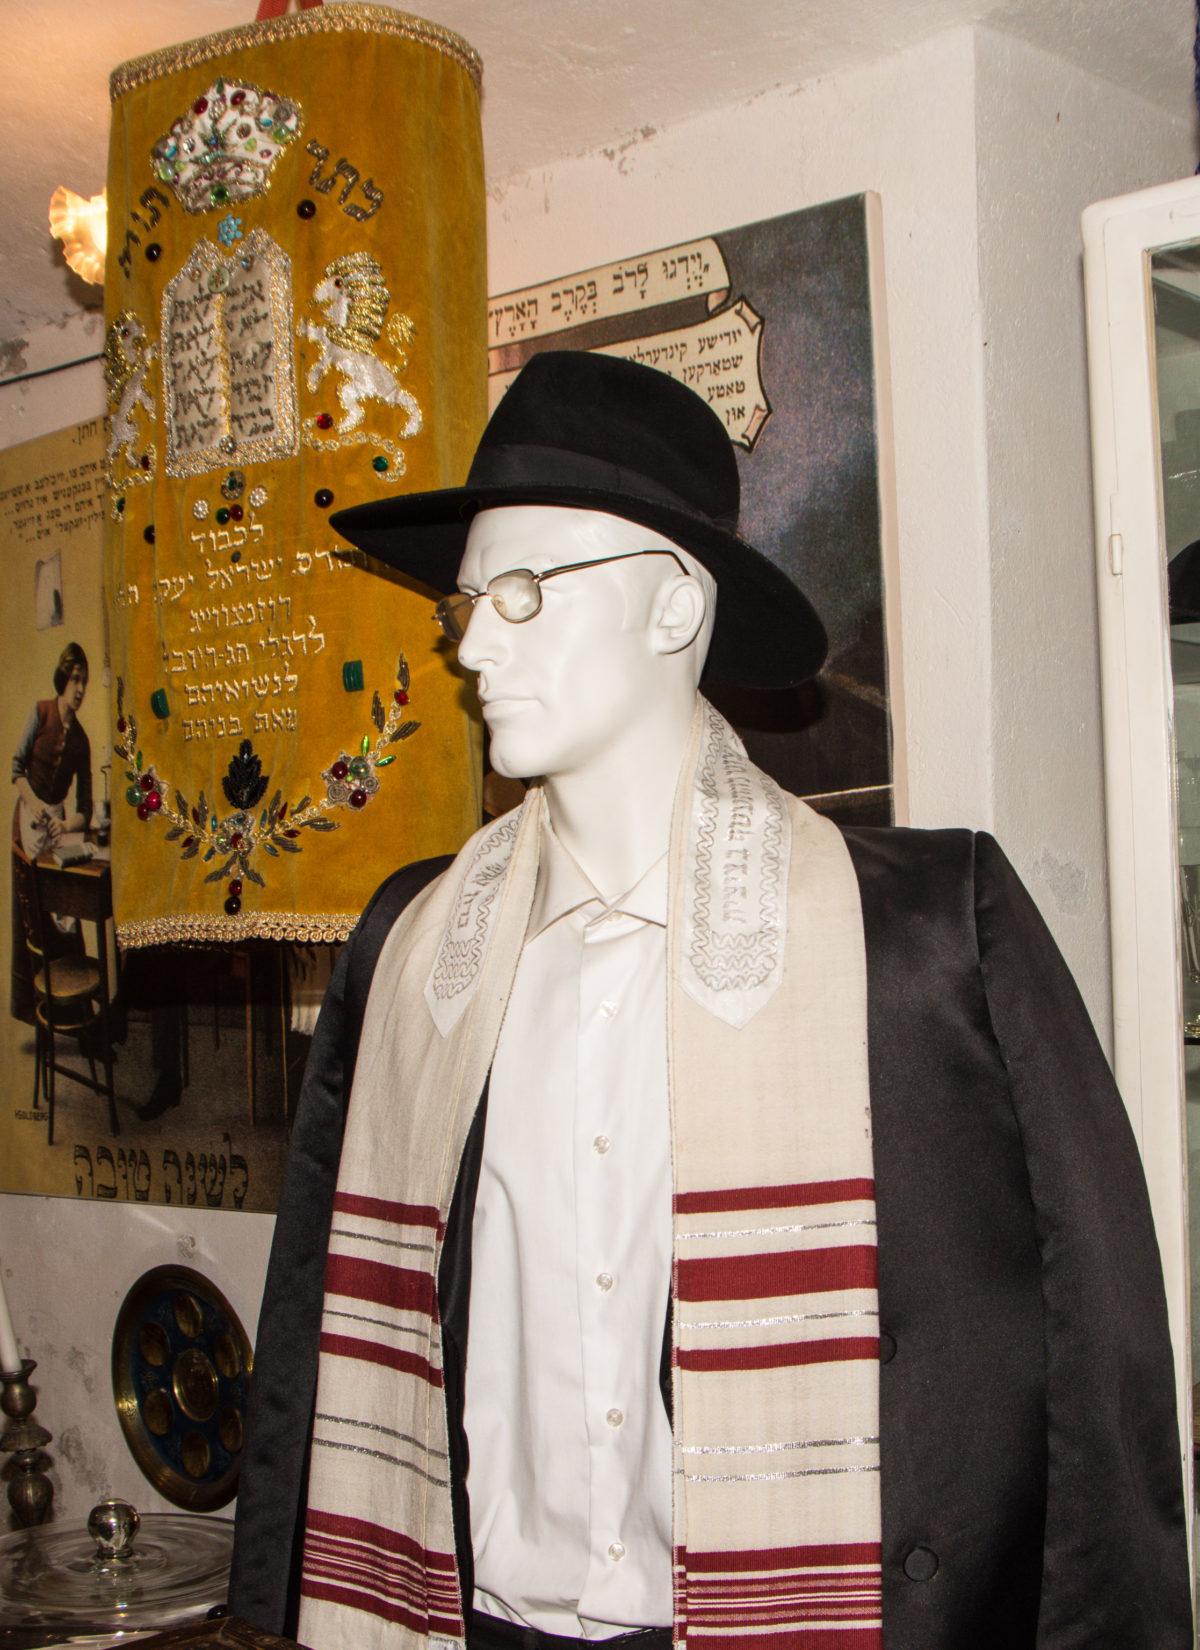 Artefakty z kolekcji Andrzeja Banerta zgromadzone w stworzonym przez niego Muzeum im. G. J. Osiakowskich w Kaliszu